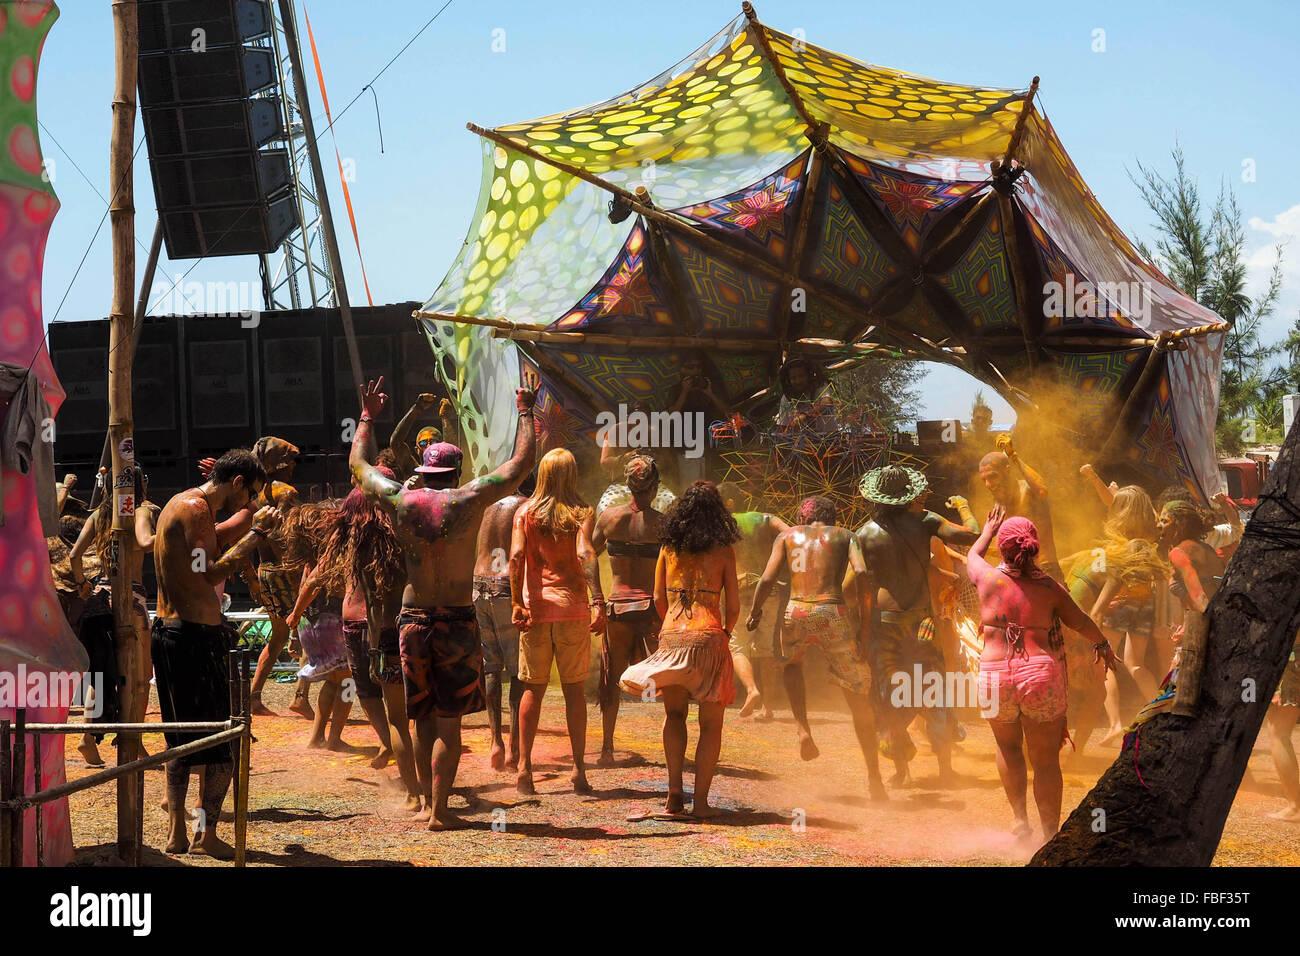 Foule danse au festival de musique électronique à Praia dos Garcez, Bahia, Brésil. Photo Stock